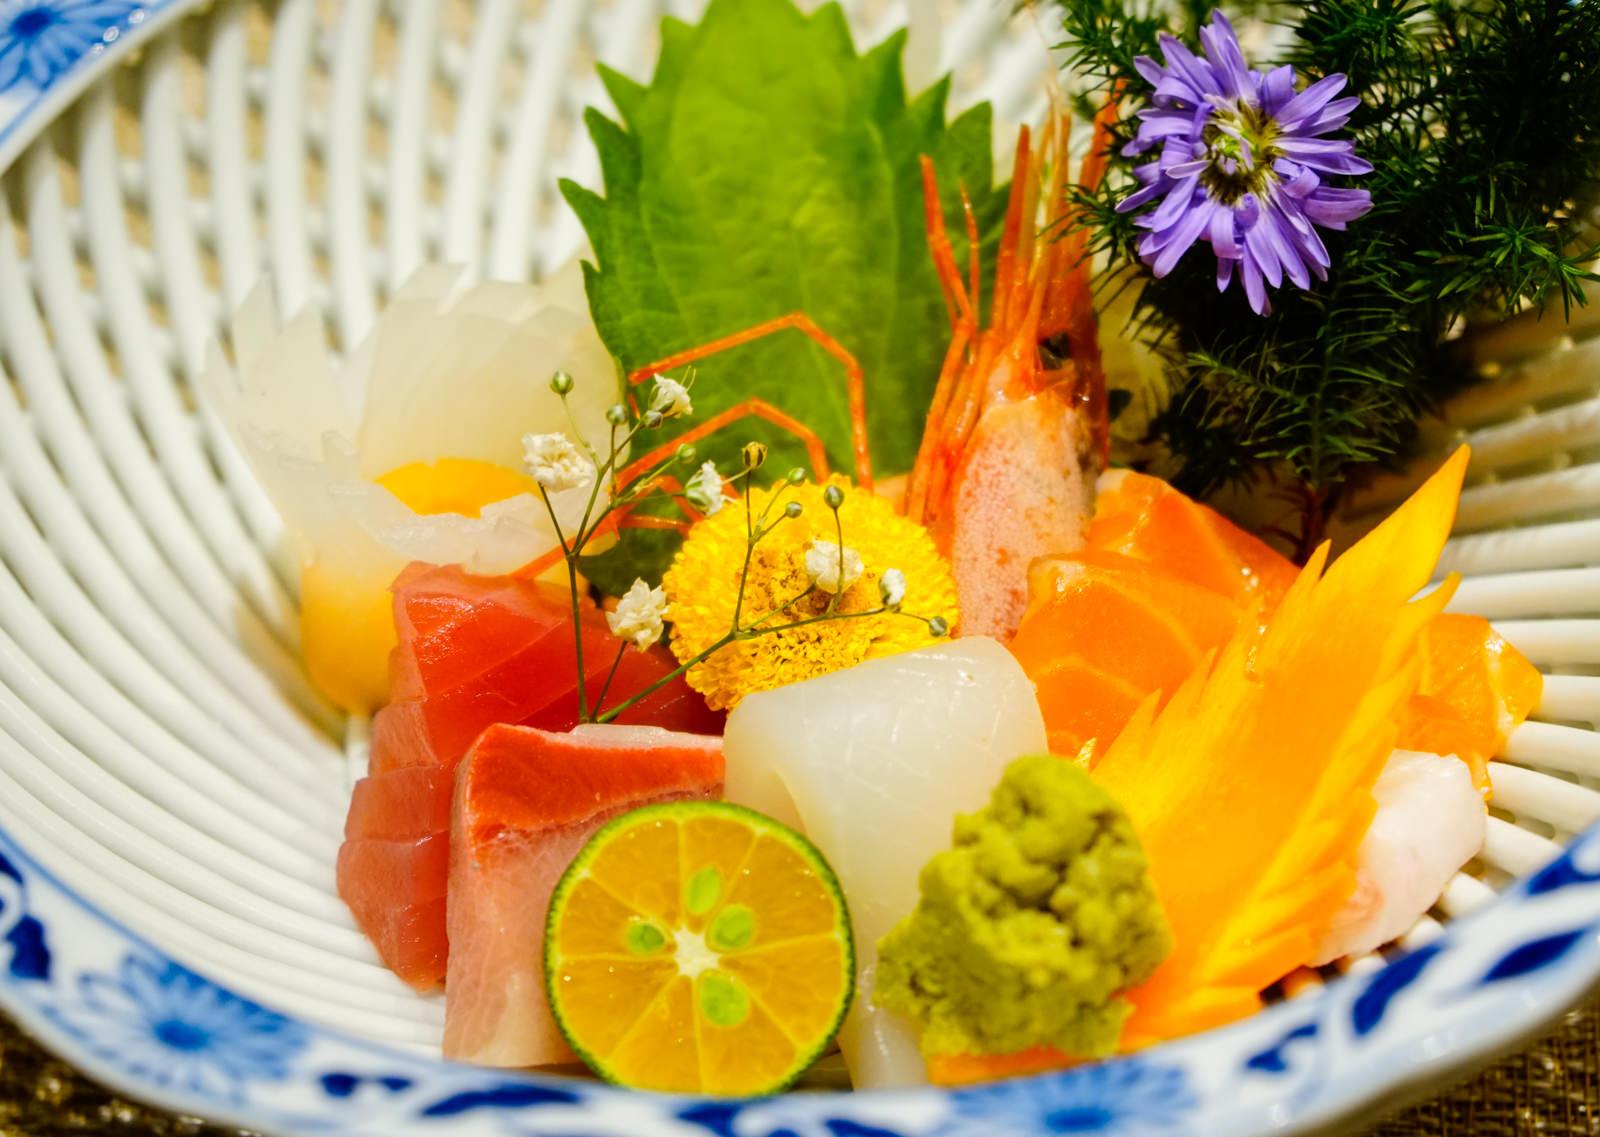 [高雄]次郎本格日本料理-日籍料理長的職人風範 藝術和食饗宴 高雄日本料理推薦 - 美食好芃友